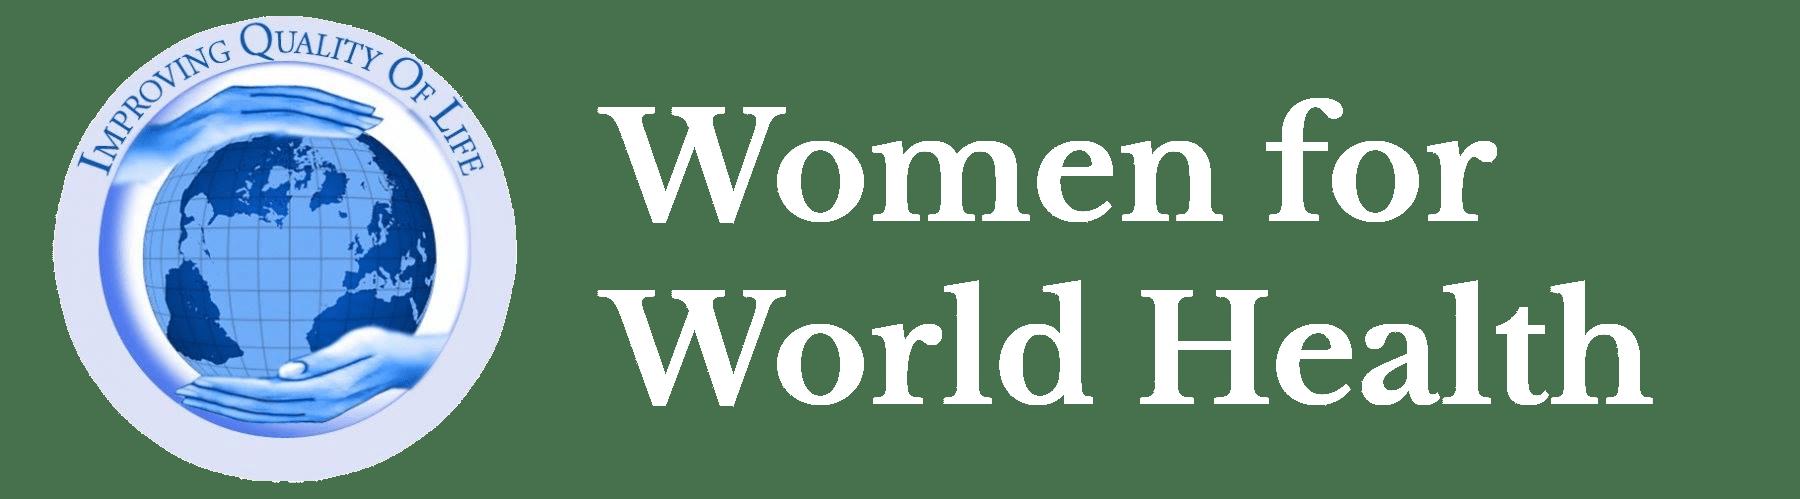 Women for World Health